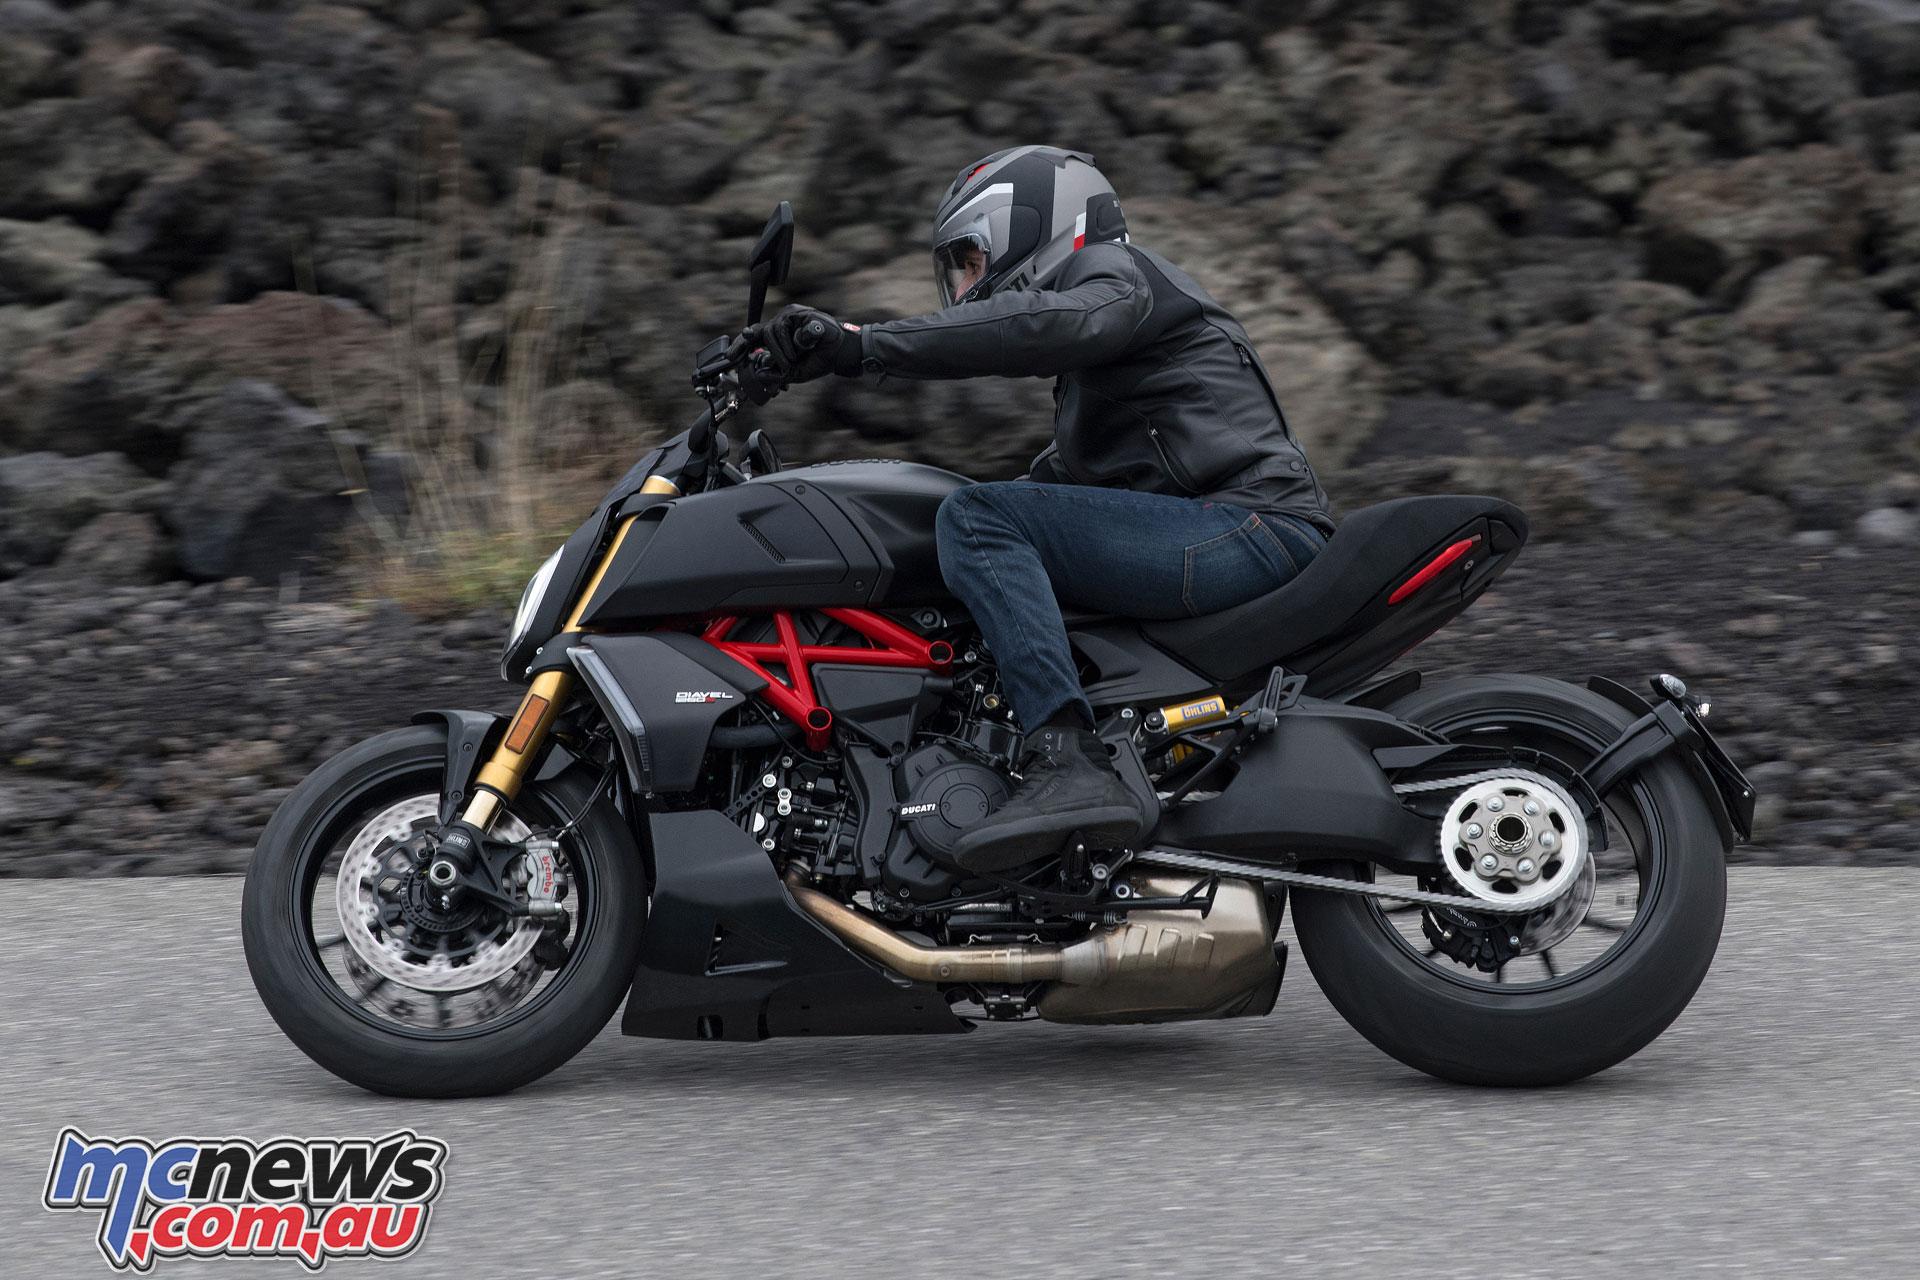 2019 Ducati Diavel And New Diavel S Get Dvt 1262 Engine Mcnews Com Au